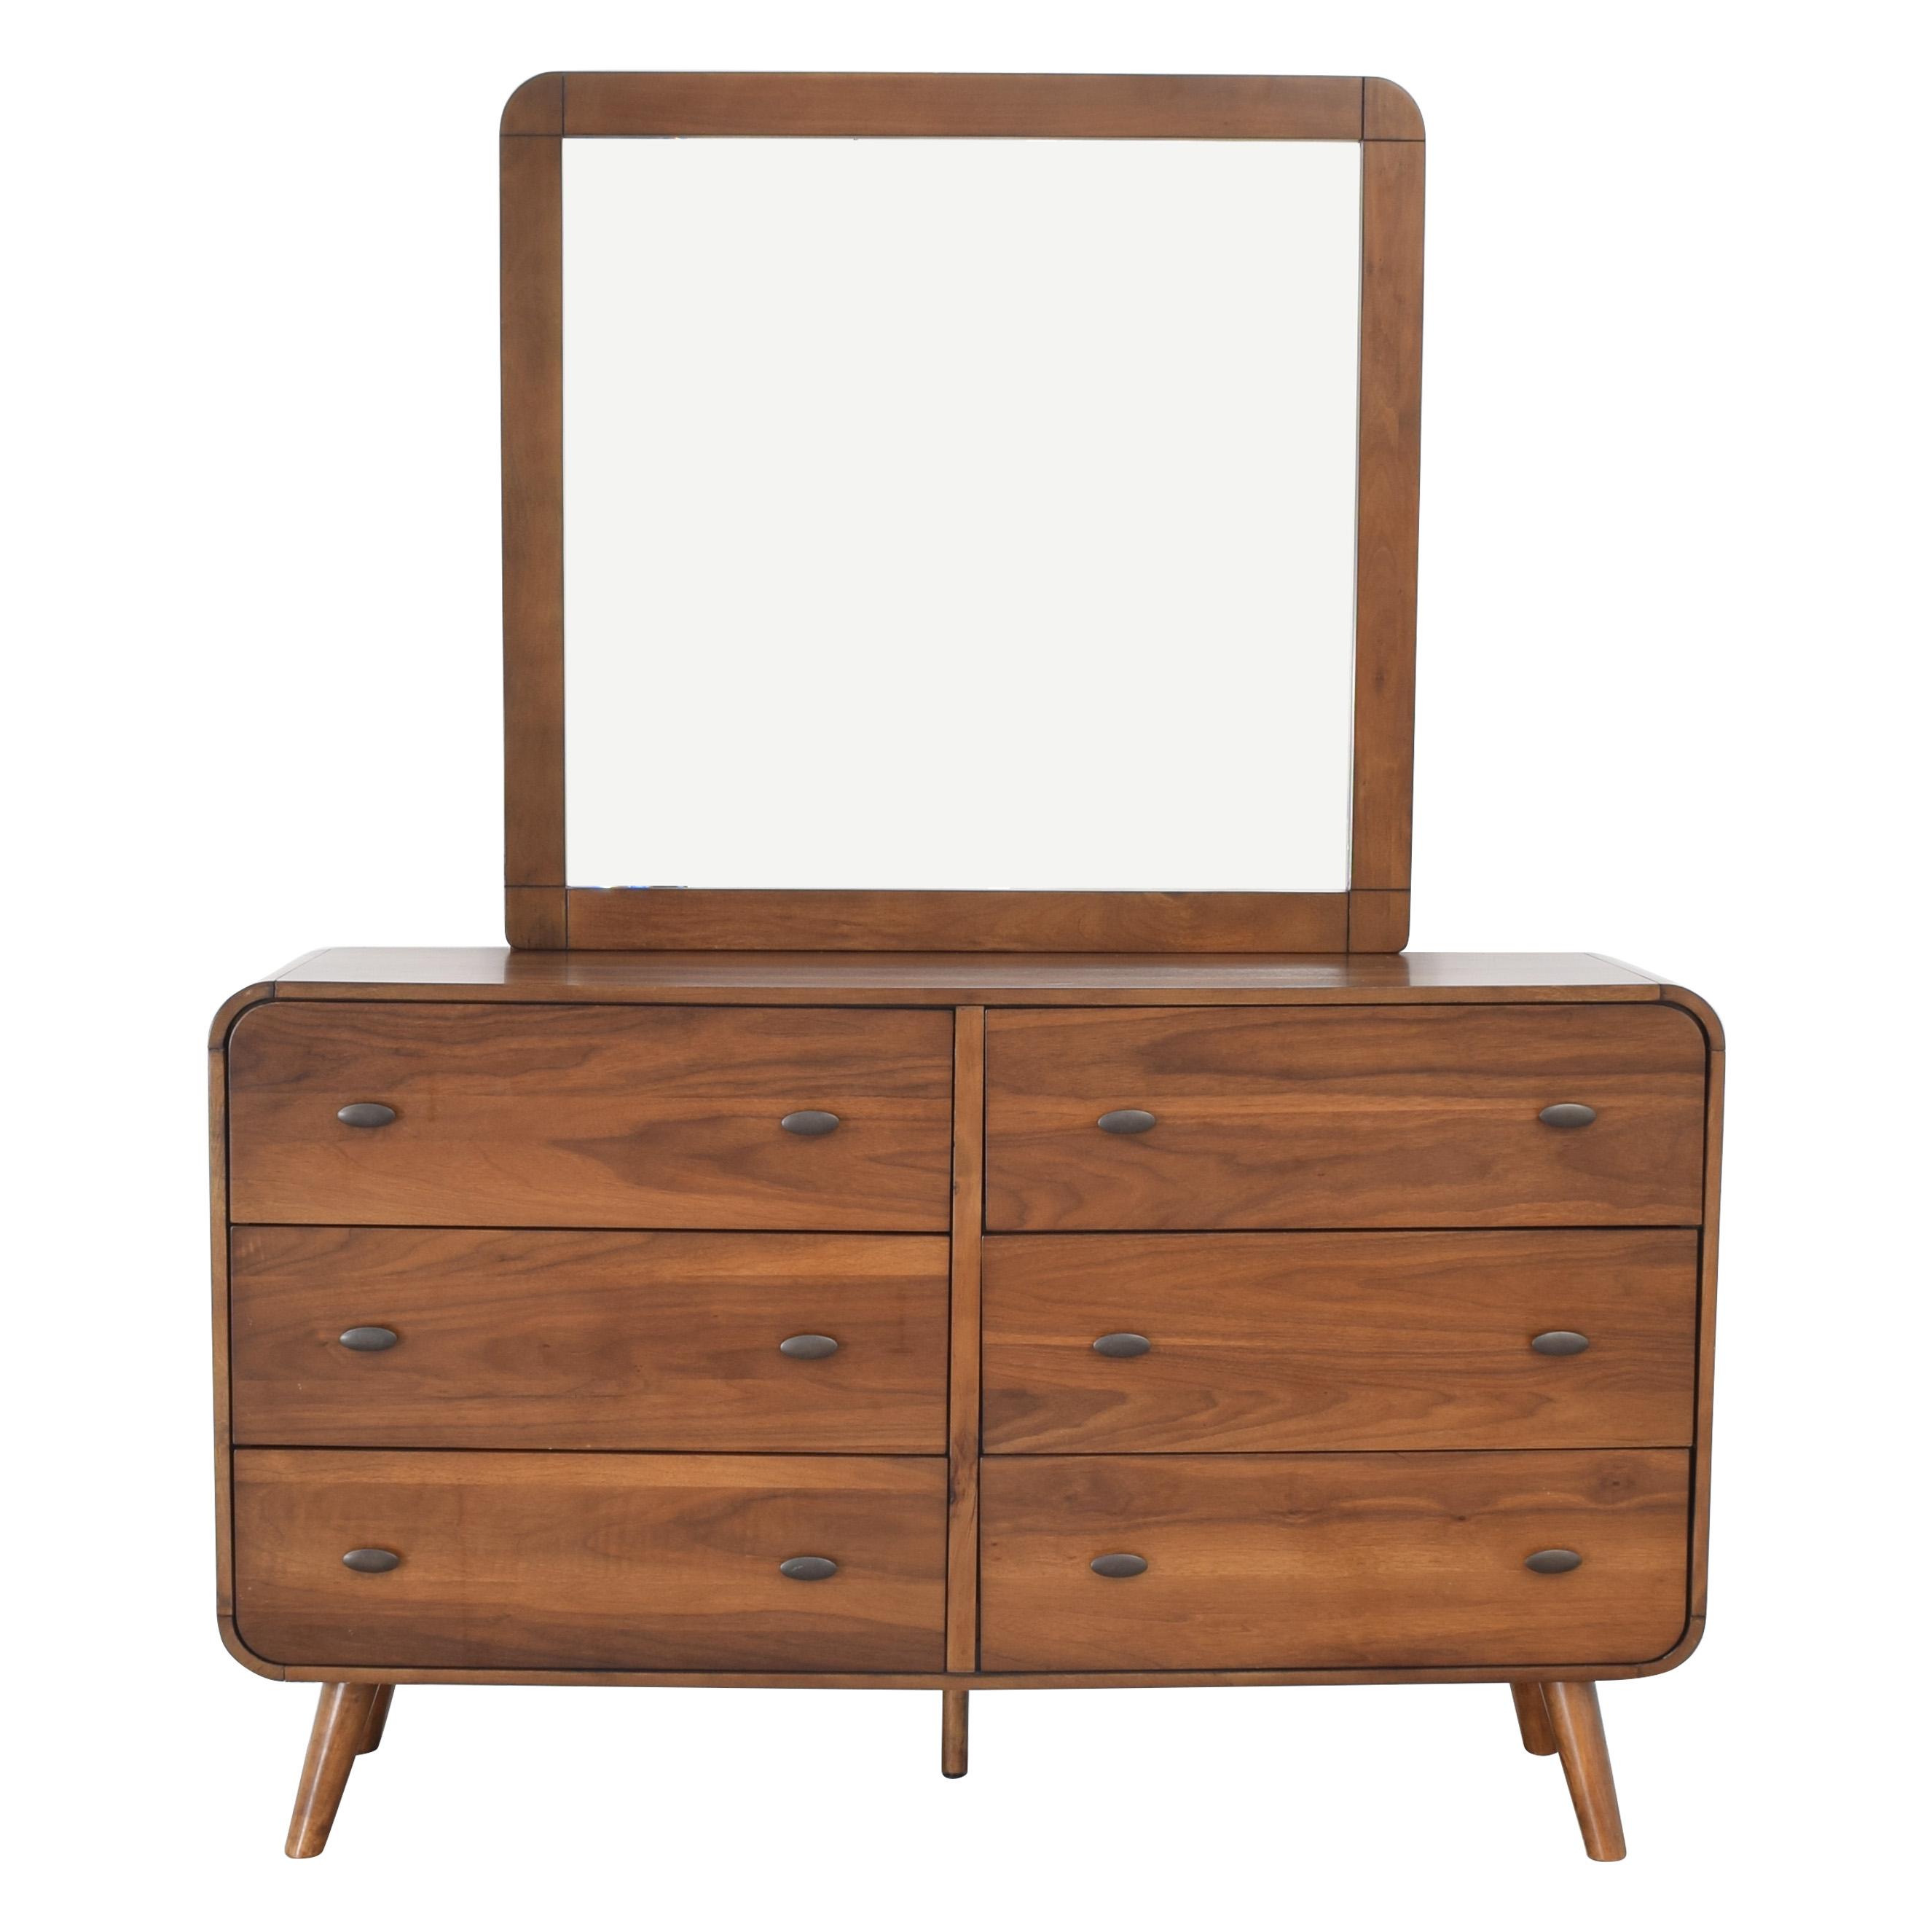 Coaster Fine Furniture Coaster Robyn Dark Walnut Dresser with Mirror Storage